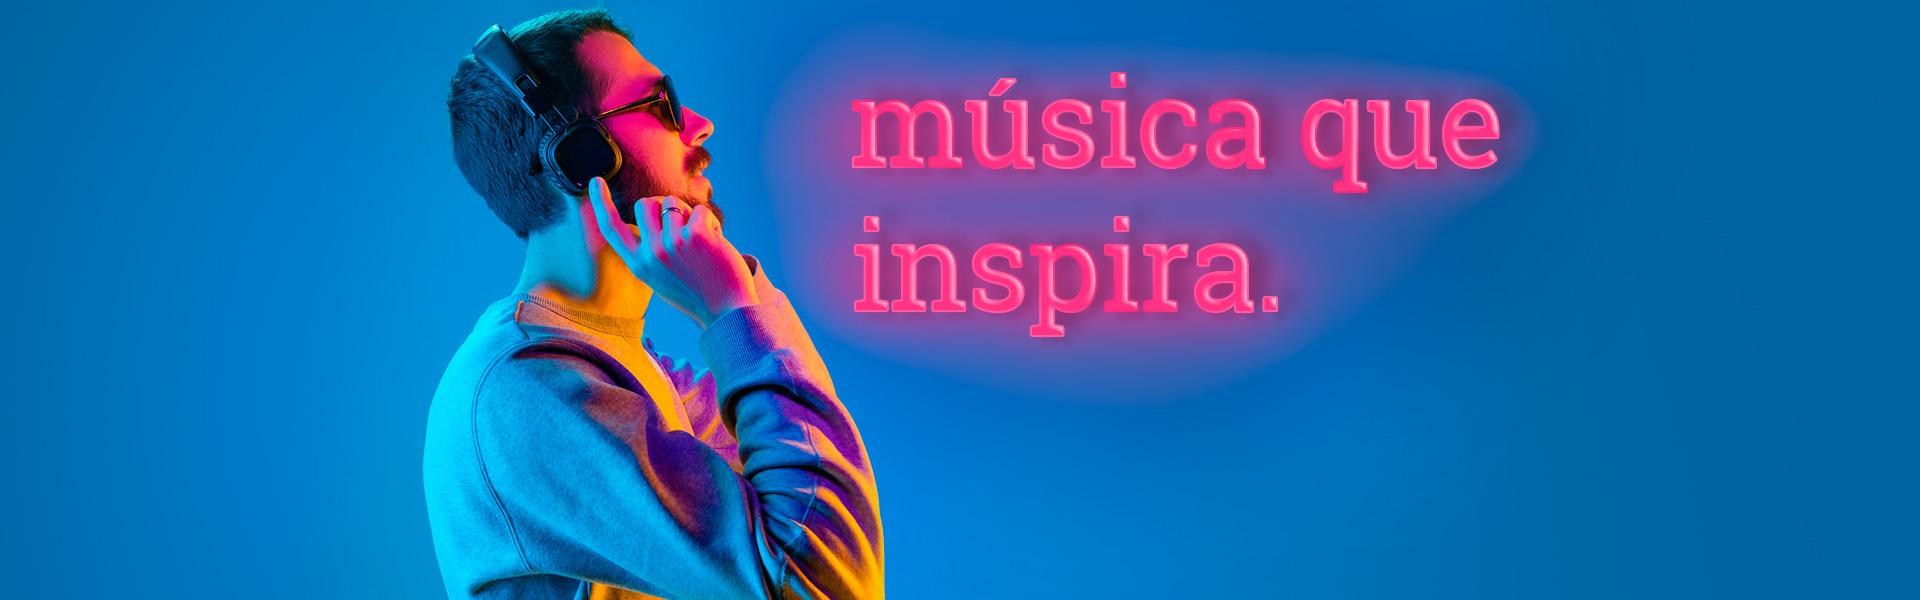 Música Que Inspira